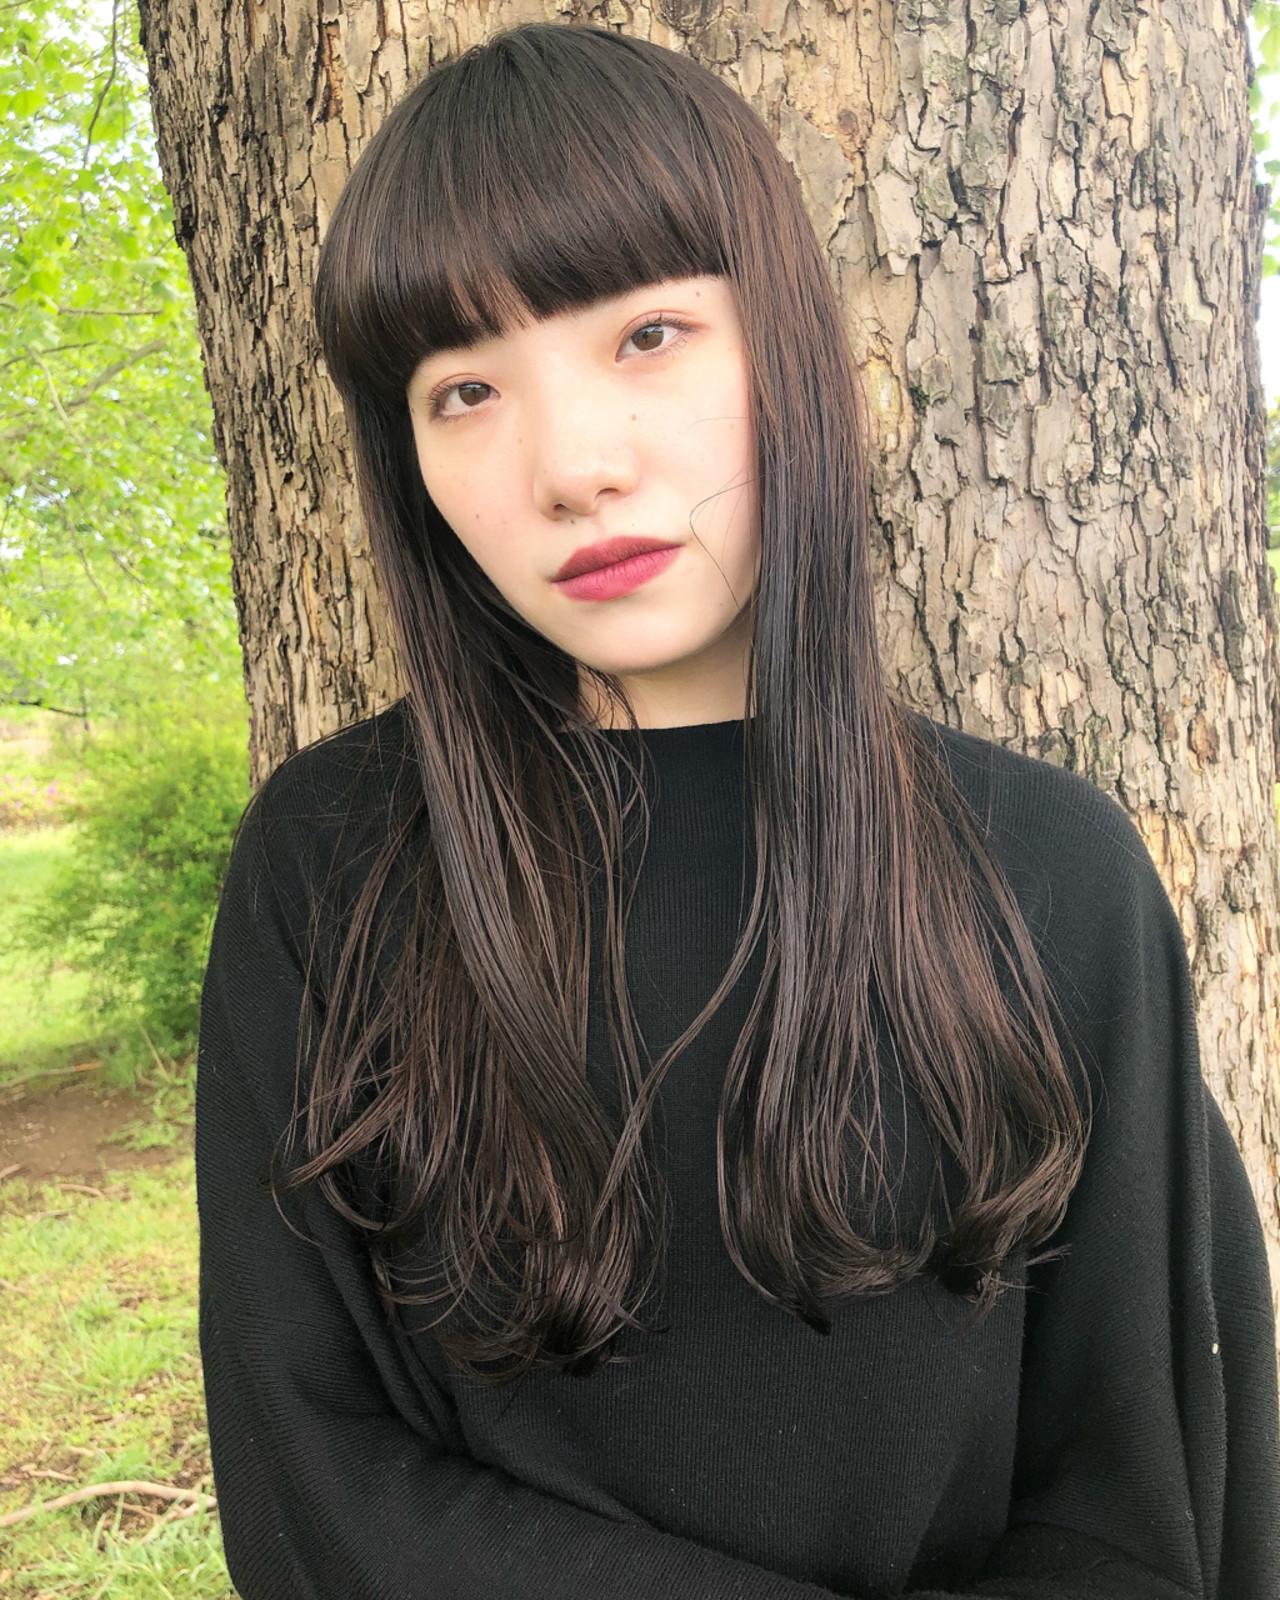 ワイドバング 黒髪 前髪パッツン ナチュラル ヘアスタイルや髪型の写真・画像